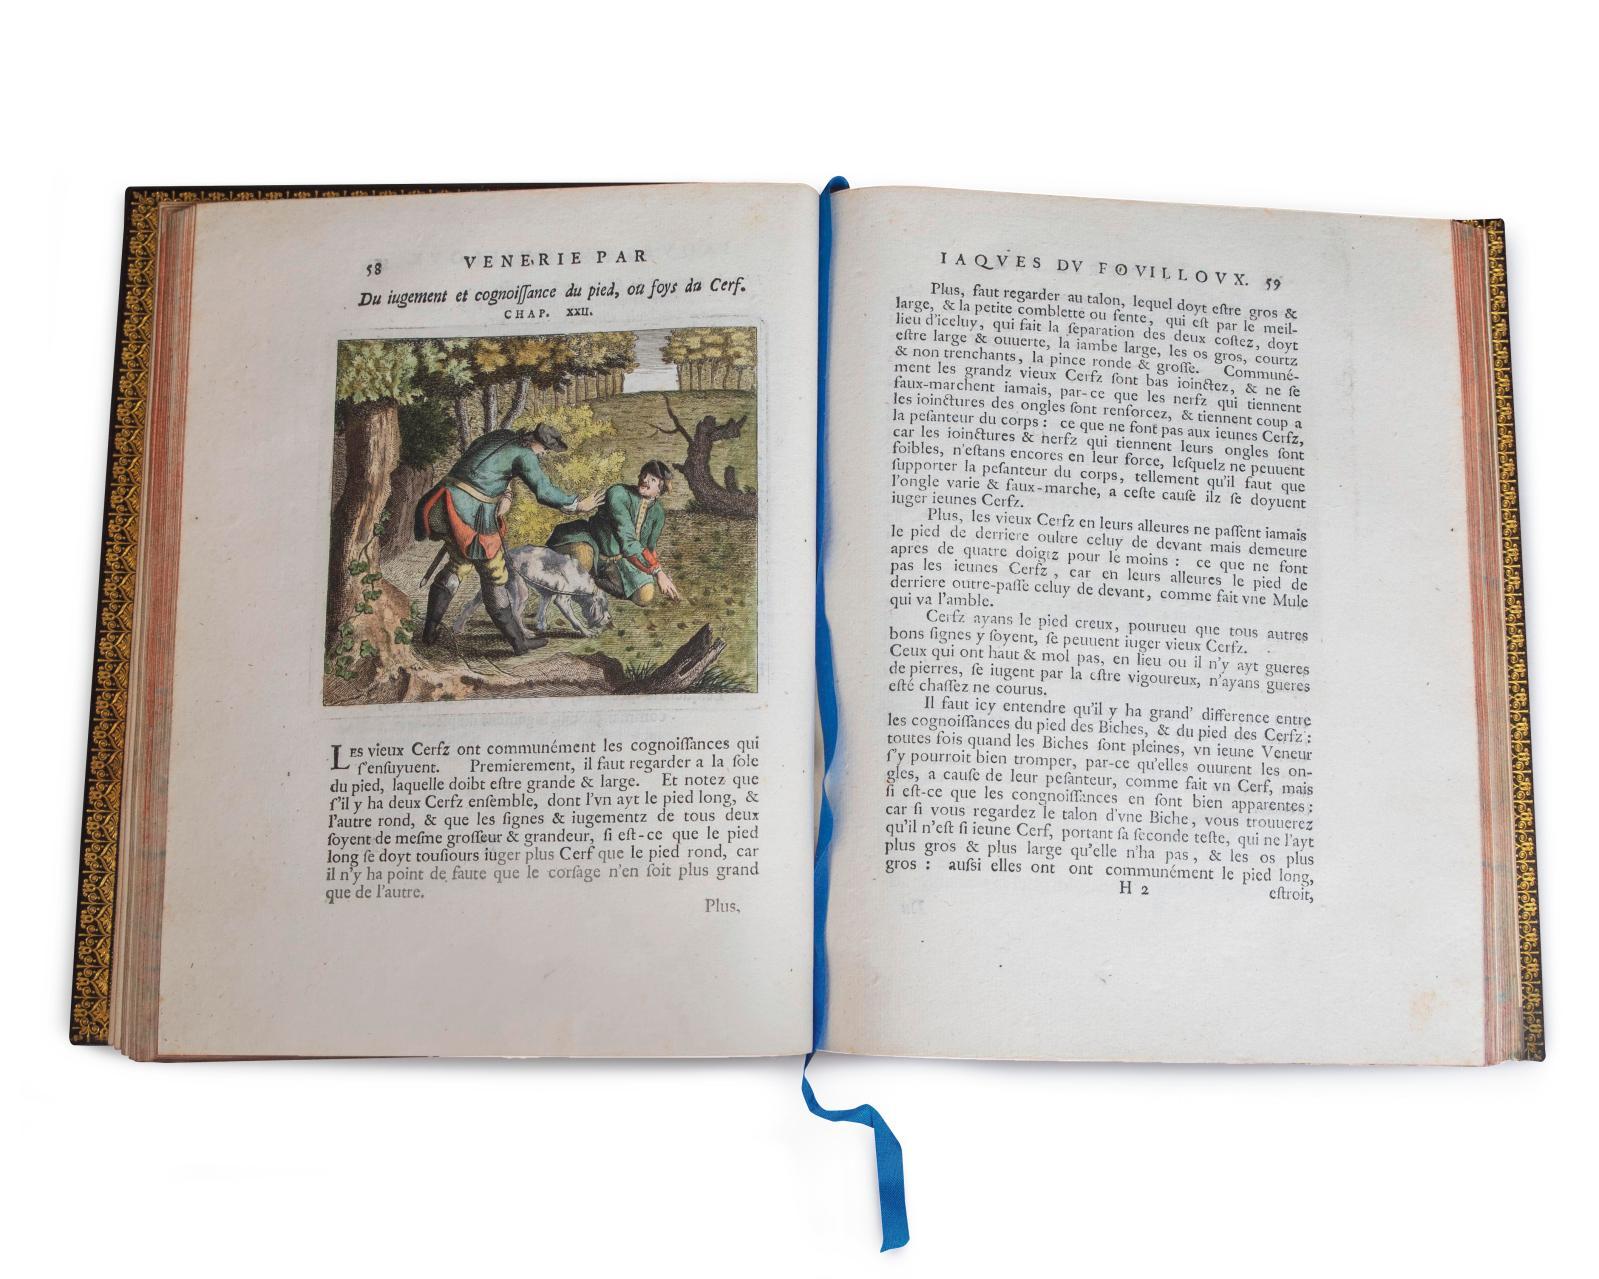 Jacques du Fouilloux,La Vénerie de Jacques du Fouilloux, Gentilhomme, Seigneur dudit lieu, pays de Gastine, en Poitou, Bayreuth, Frédéric